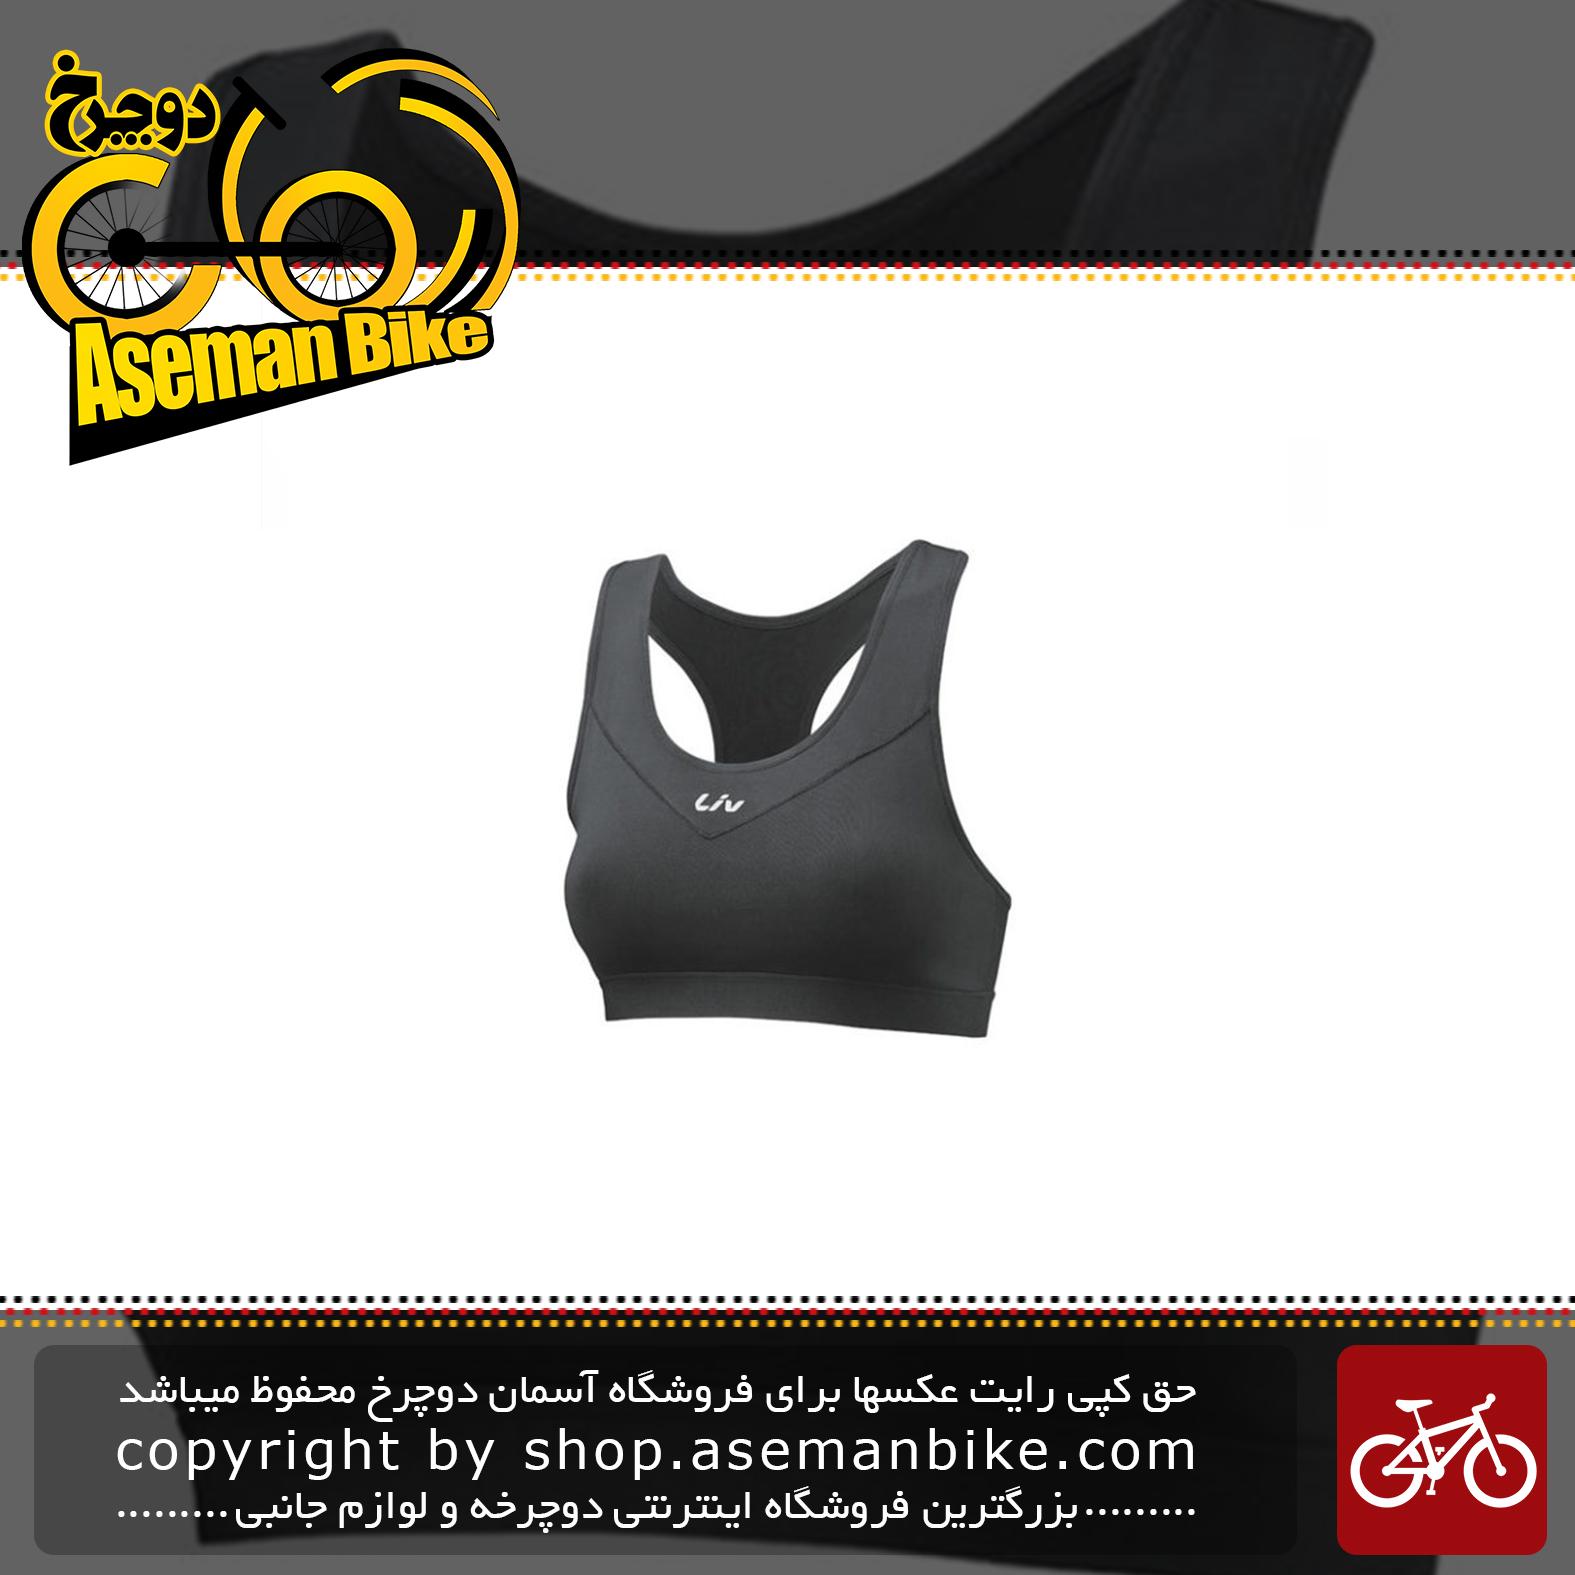 نیم تنه دوچرخه سواری لیو مدل اسپرت برا Sports Bra